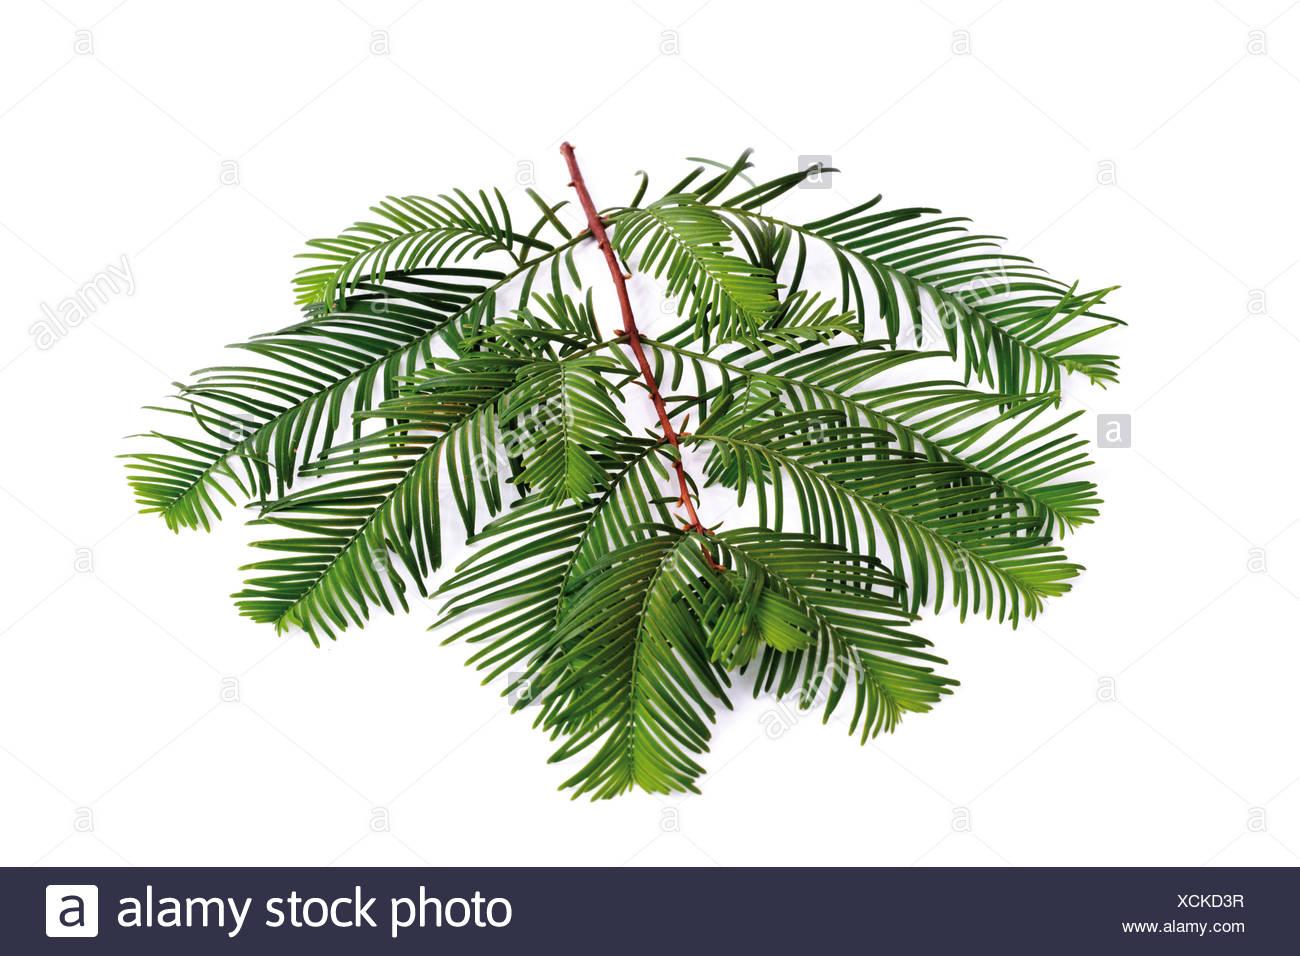 Yew twig (Taxus baccata) - Stock Image